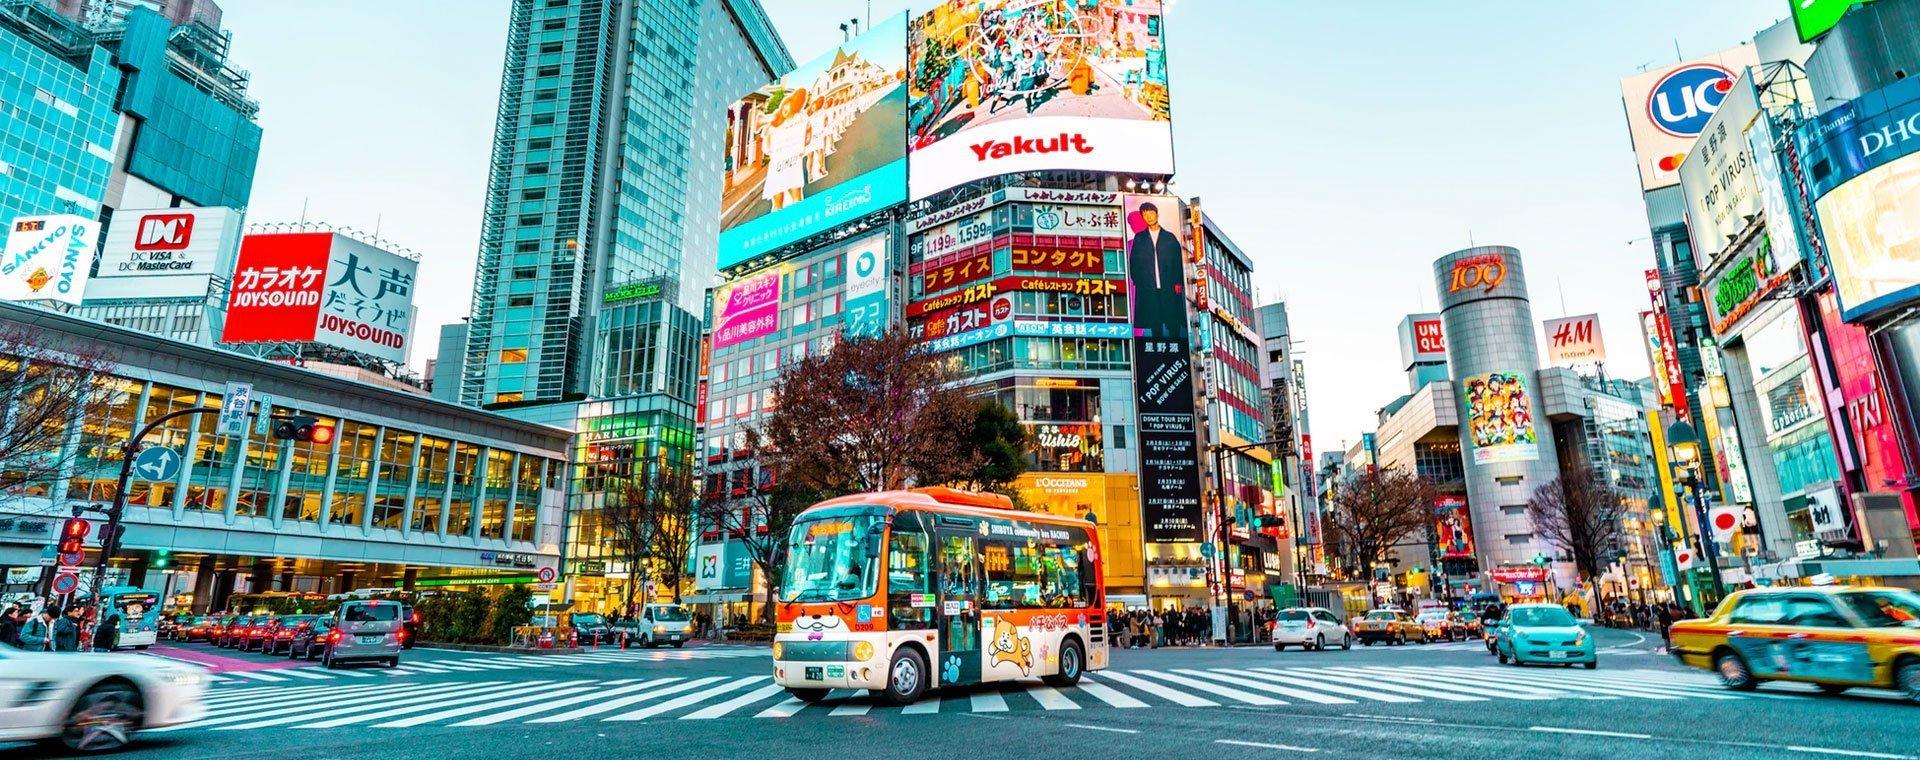 toquio61859-45